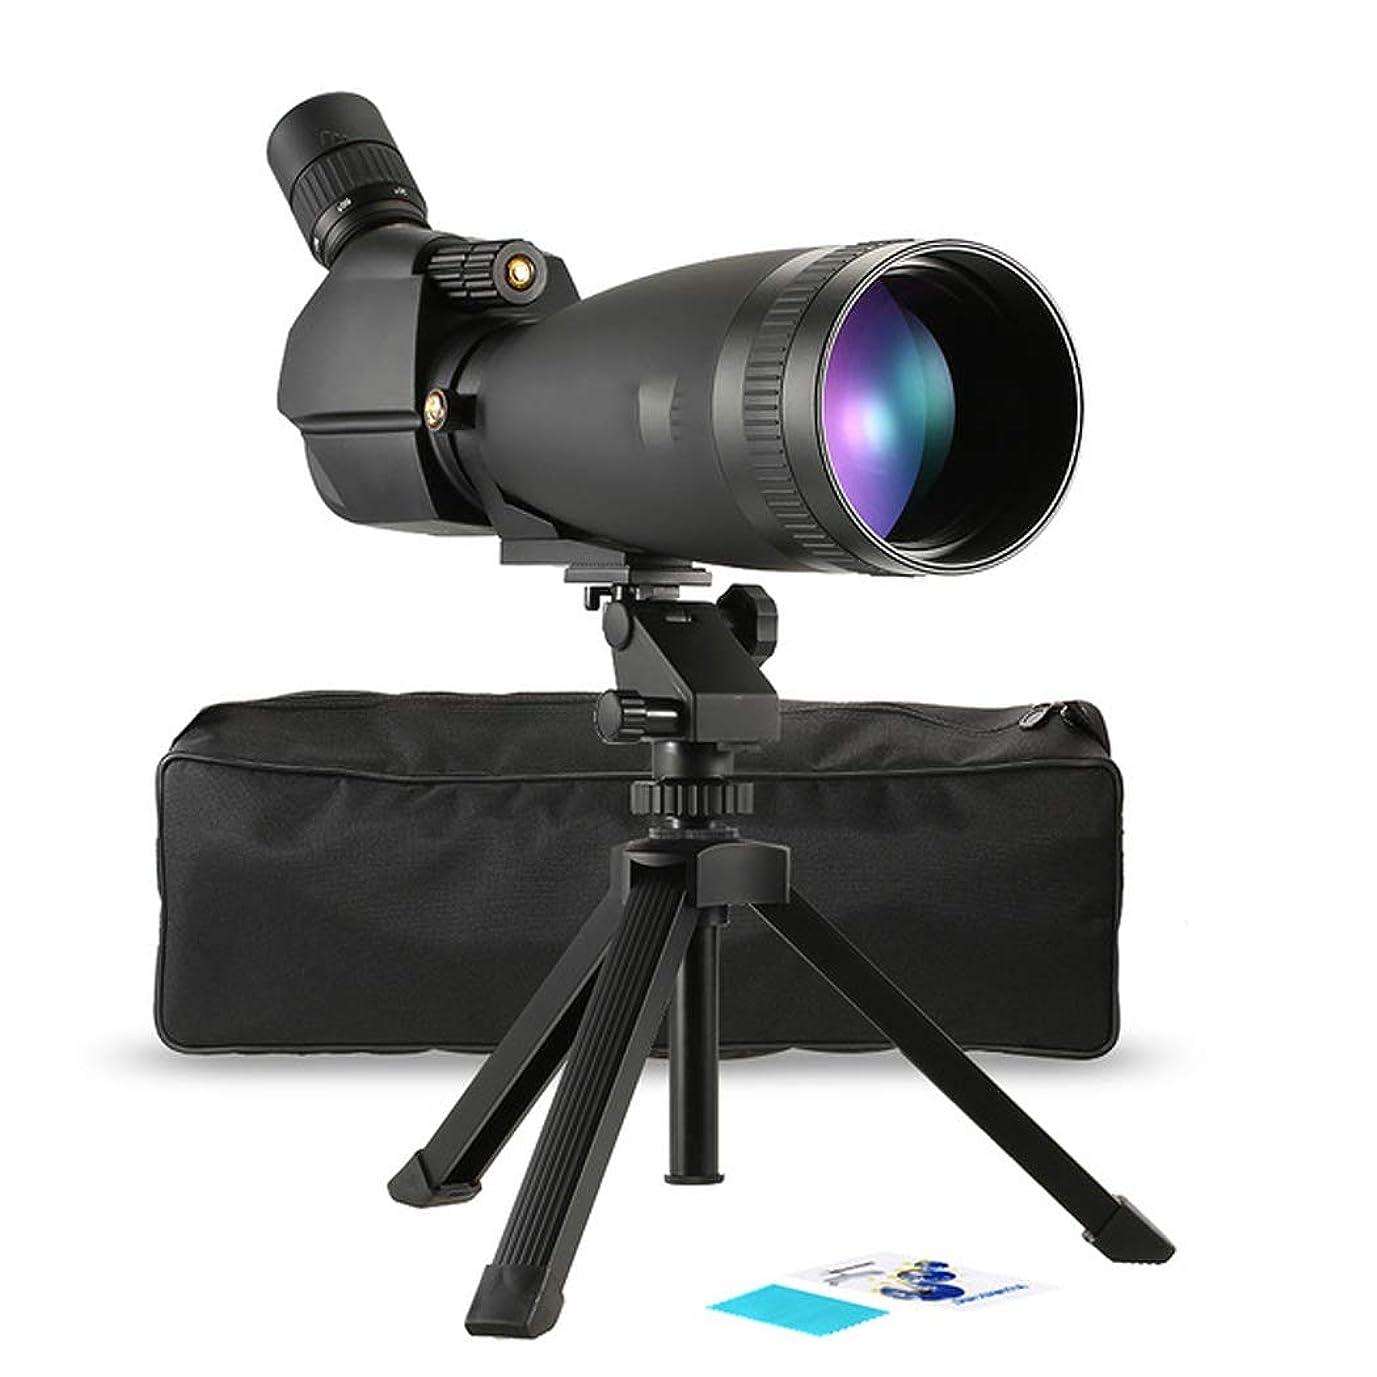 晴れ悲しみスキャンダル30-90x100角度付きスポットスコープBaK4双眼鏡単眼調節可能なポータブルトラベル望遠鏡防水フォグプルーフ